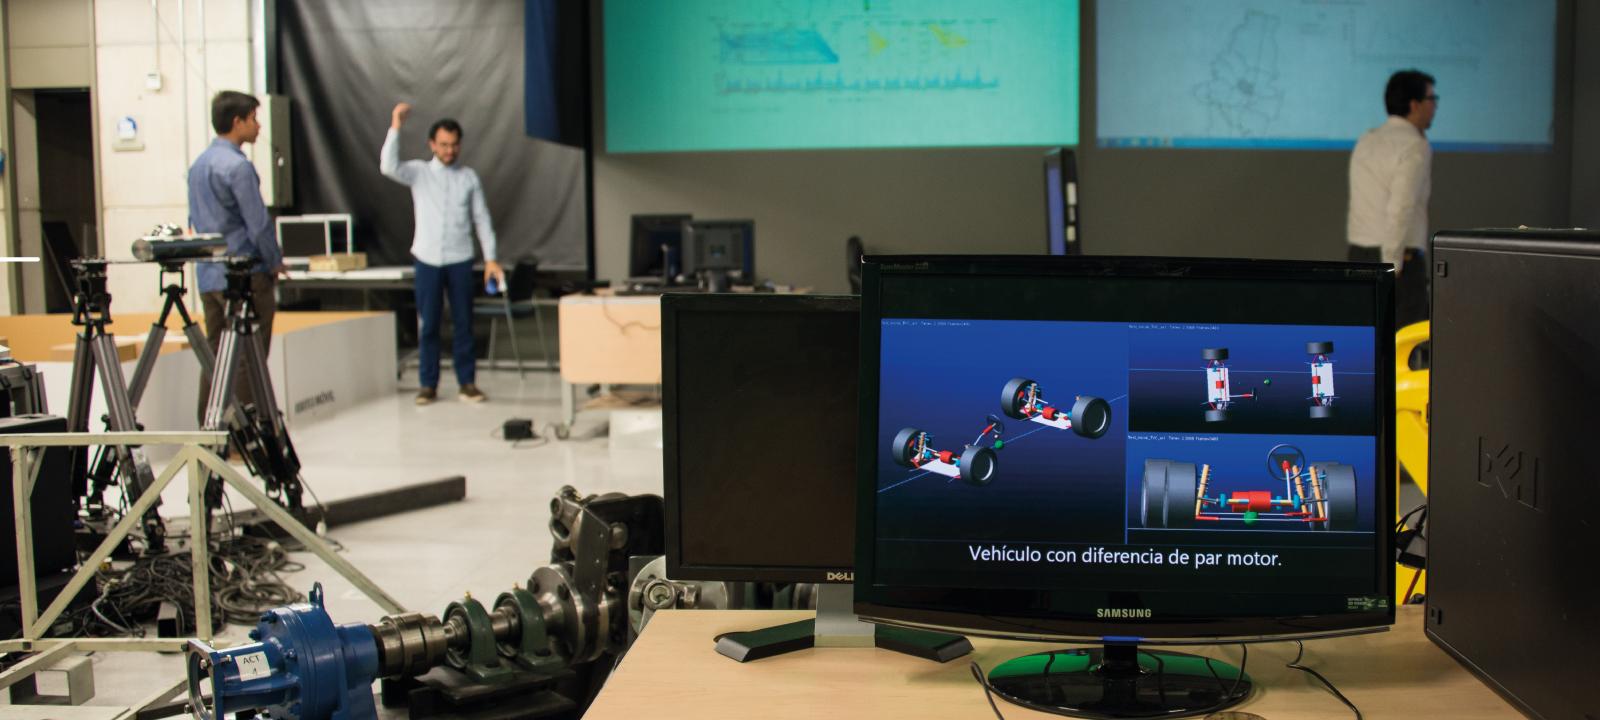 Ml-001 Laboratorio - Dinámica de Maquinaria | Uniandes